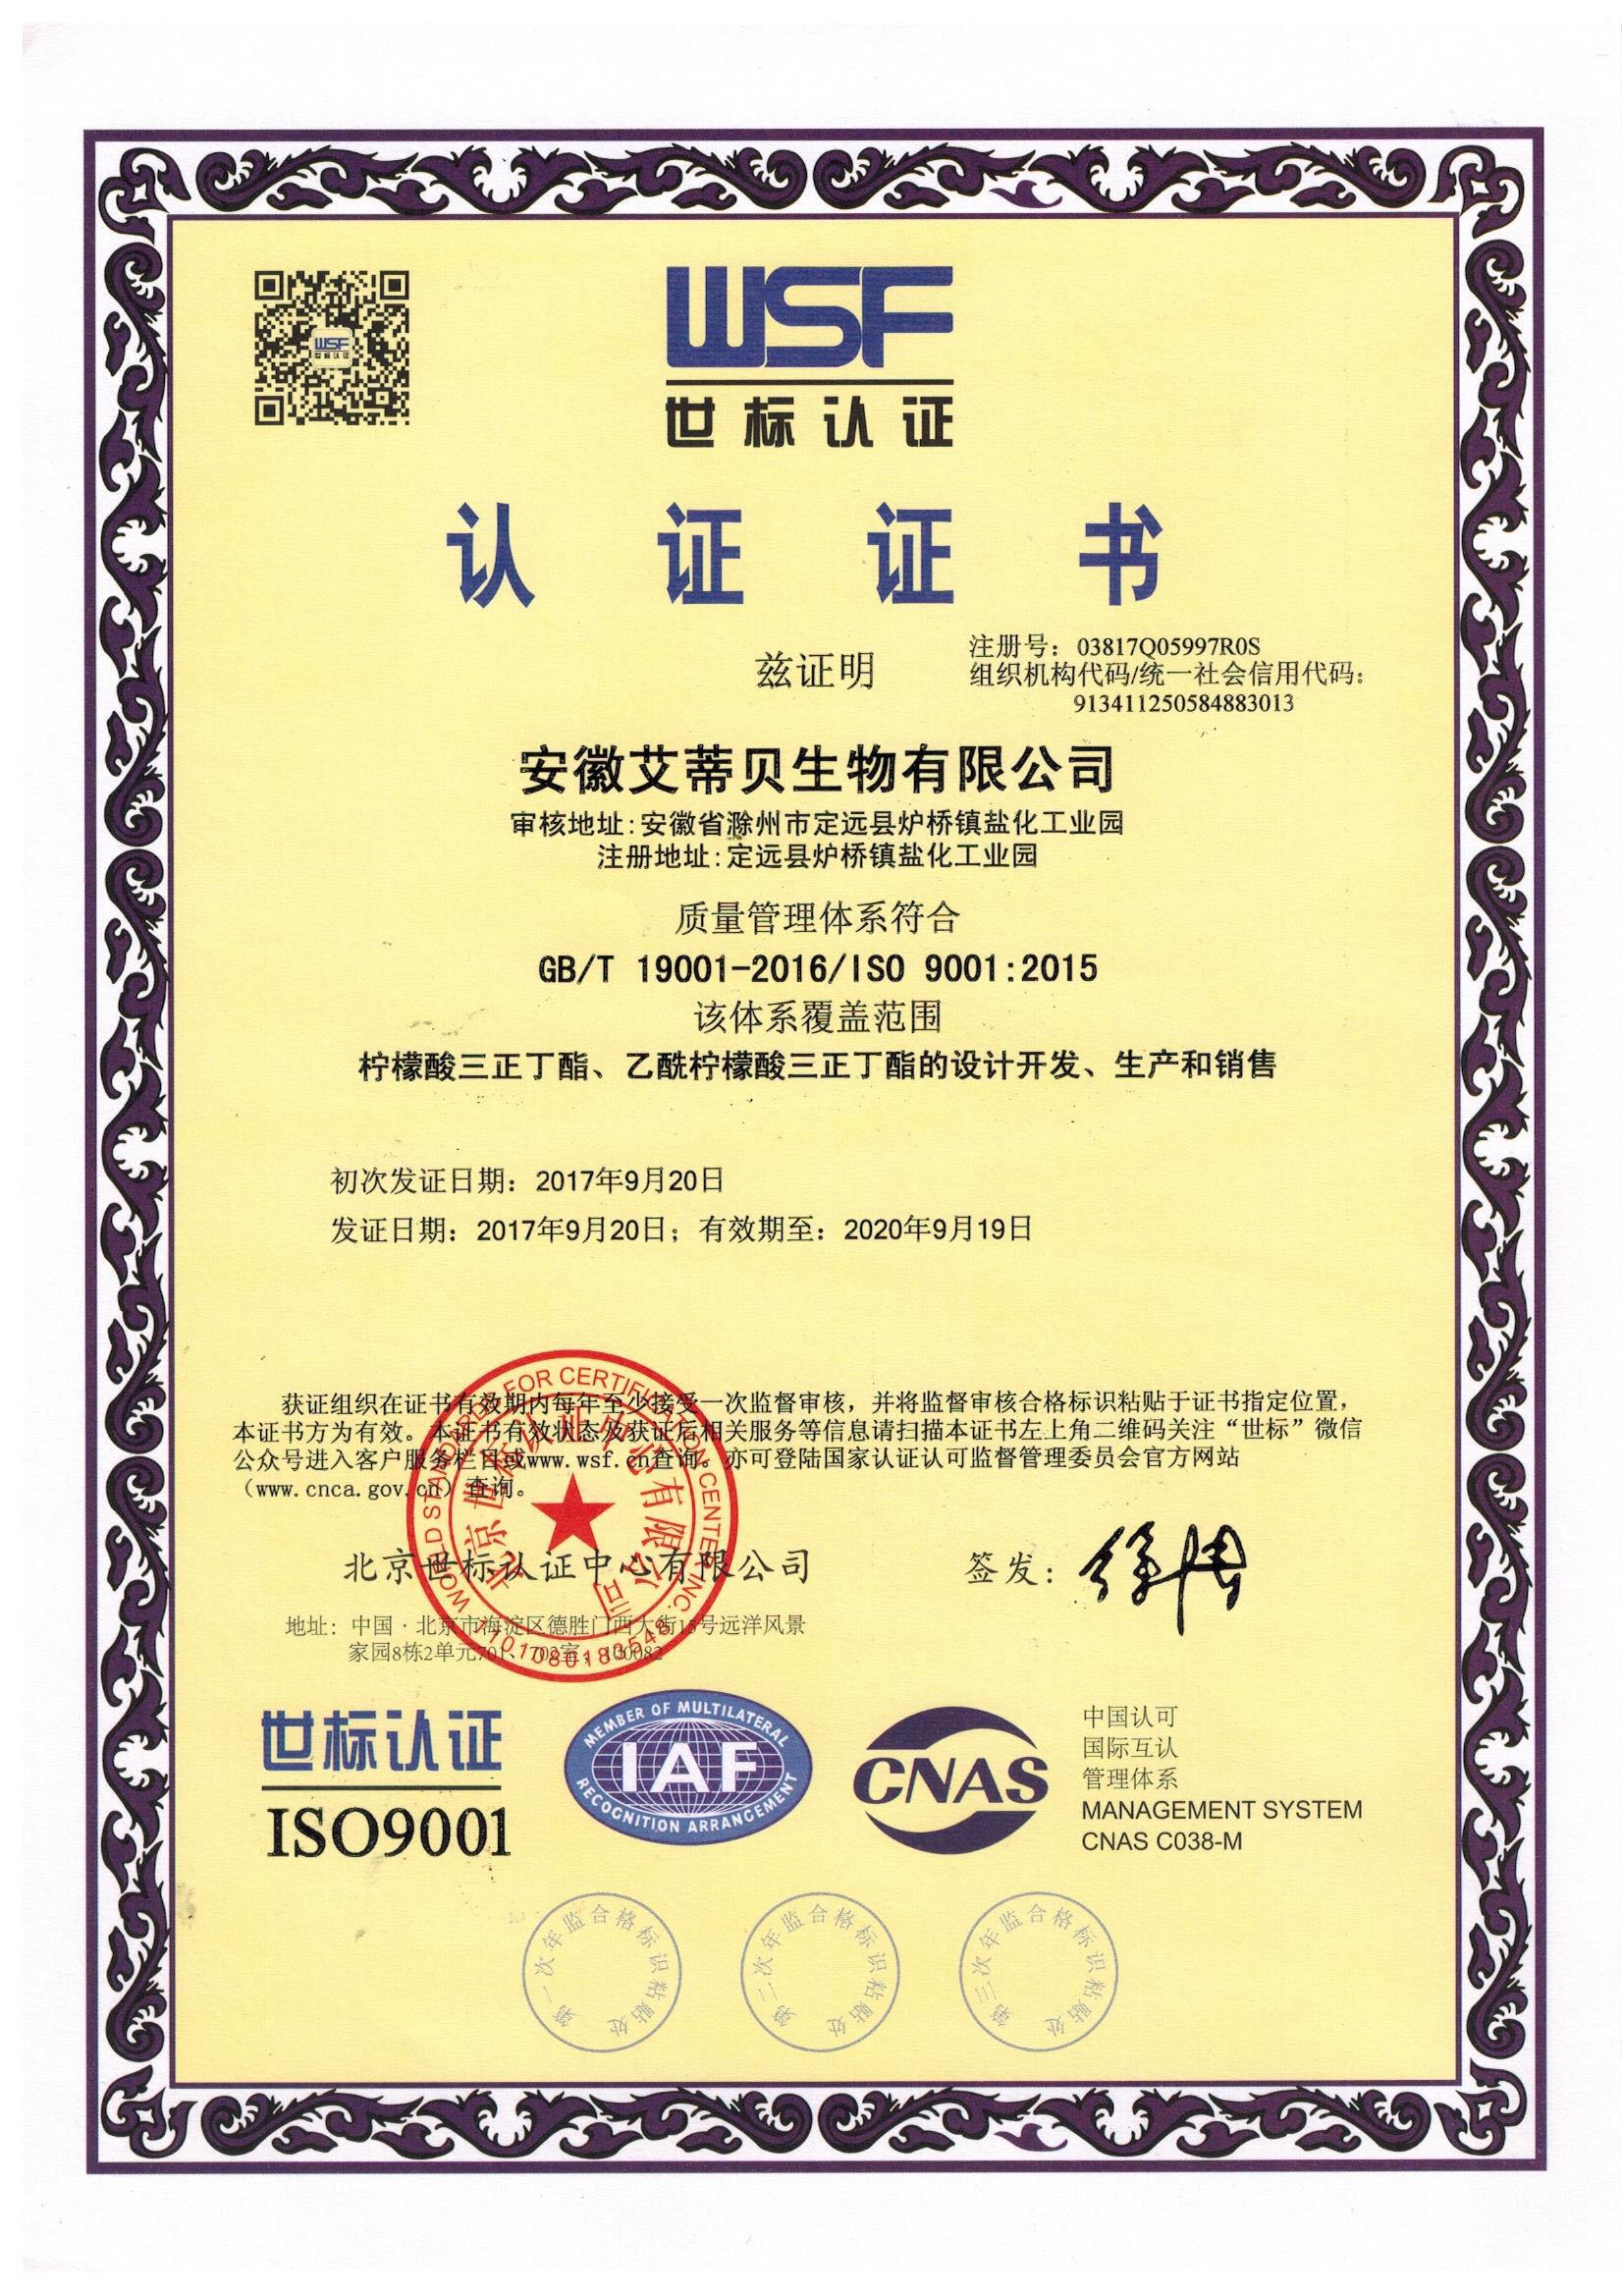 long8龙8国际龙8国际官网龙8国际娱乐网站有限公司